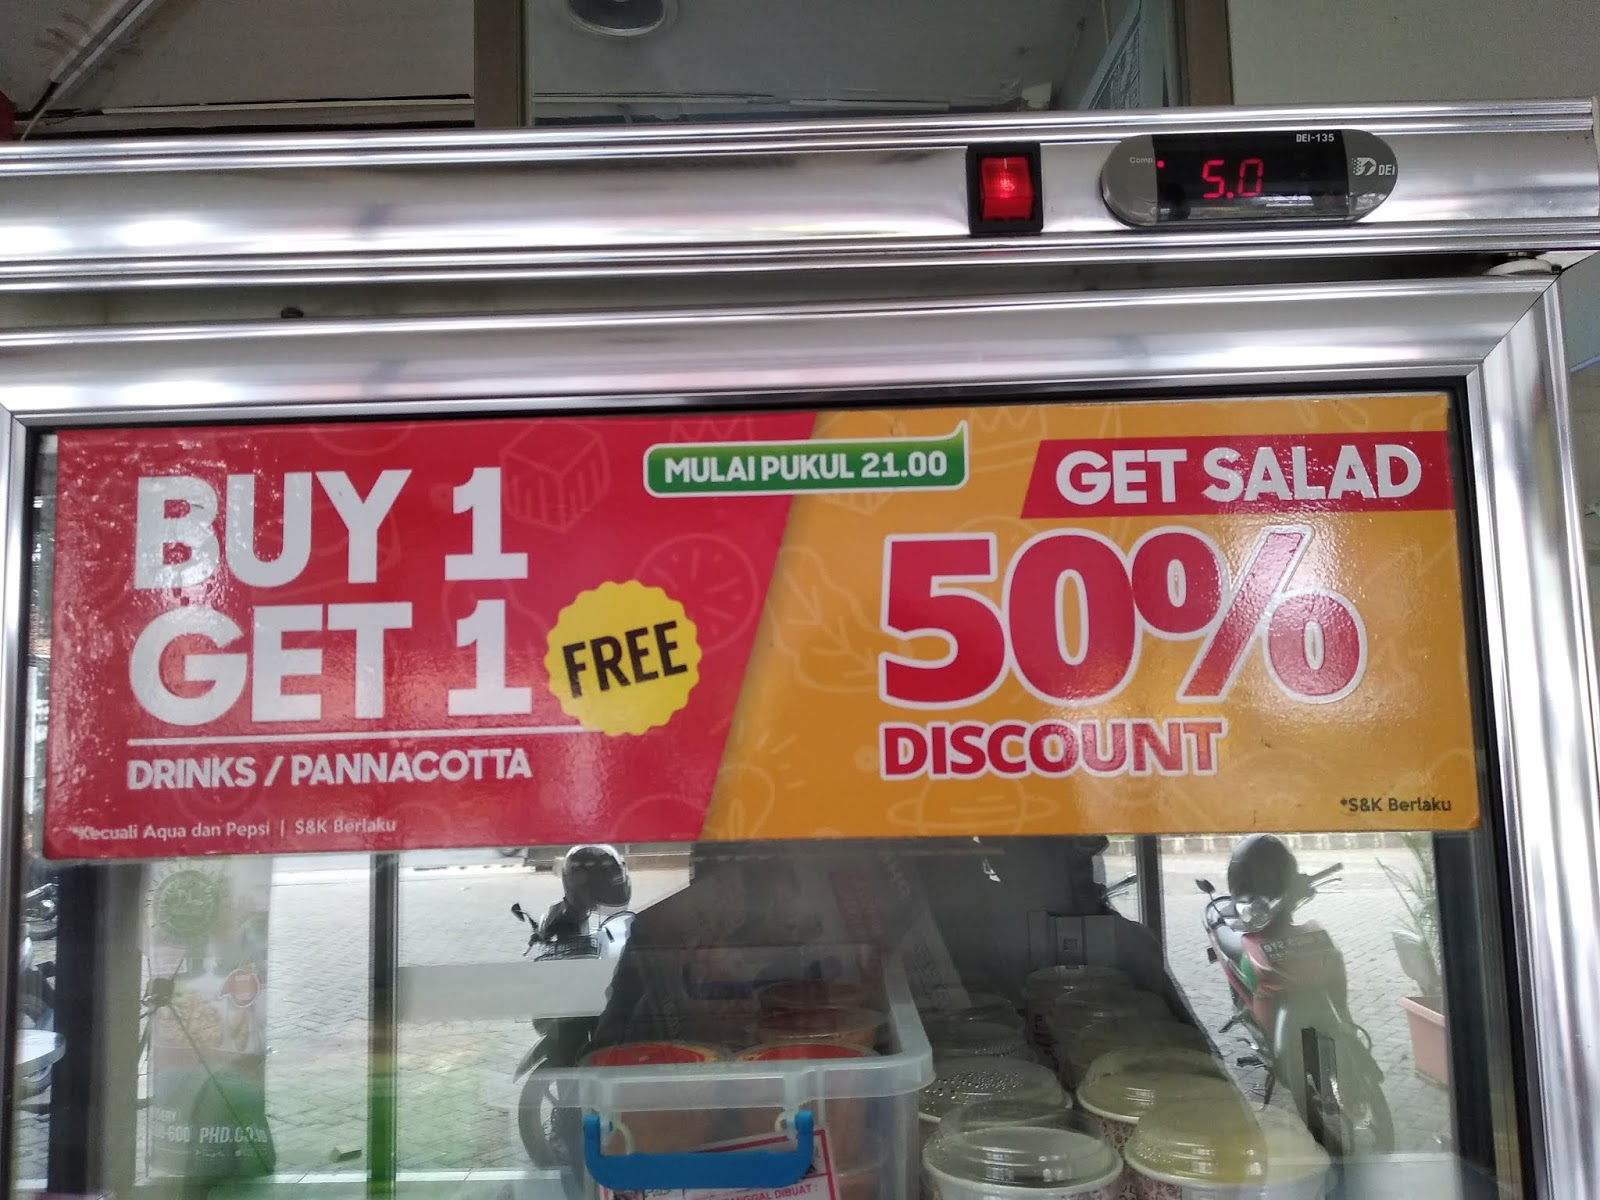 Ketemu lagi sama promo phd di weekend ceria bulan september ini! Promo Diskon 50% Di Pizza HUT Delivery Mulai Jam 9 Malam ...